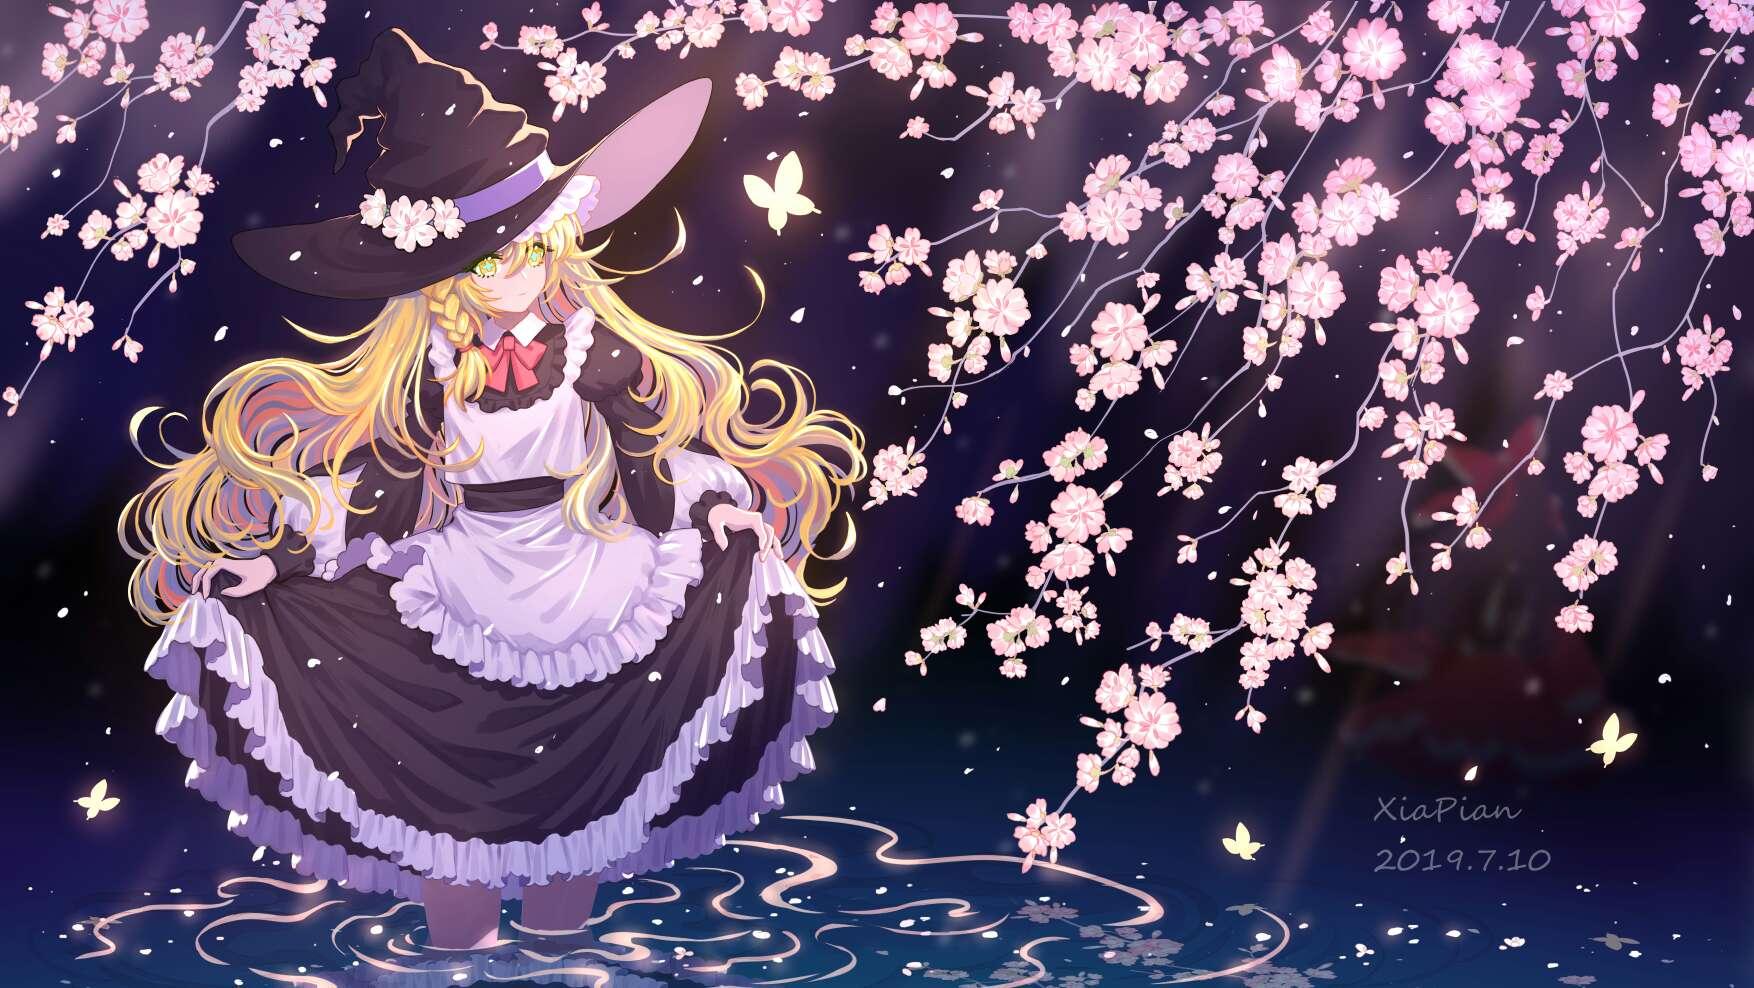 【美图】妹子来了!,穿越斗罗大陆之逍遥系统